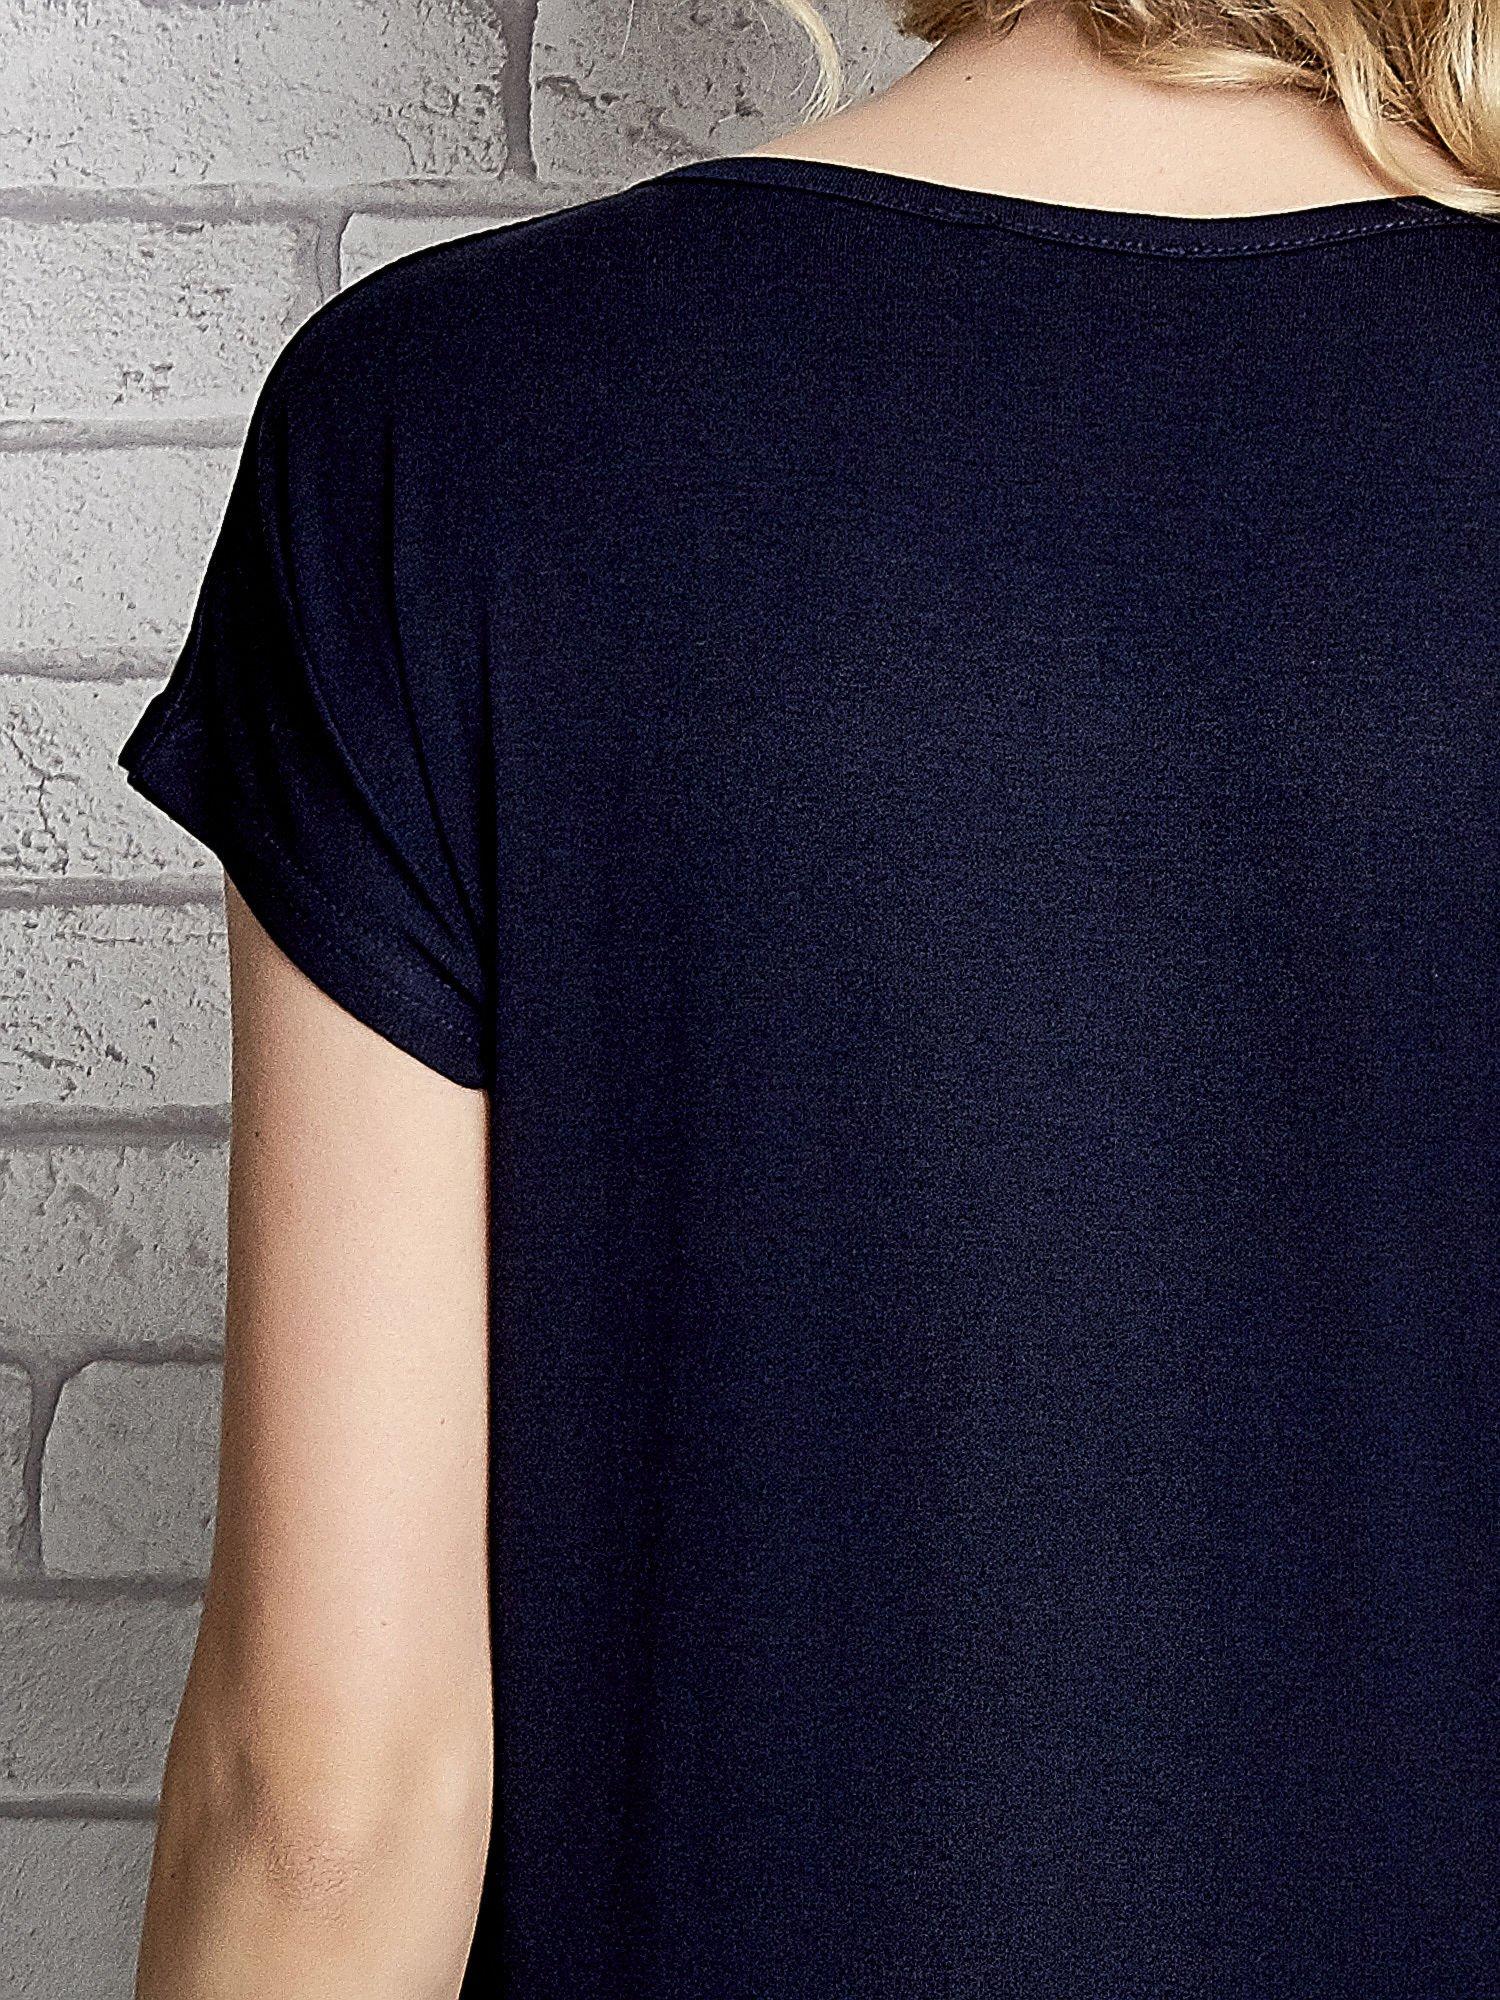 Granatowy t-shirt z napisem FASHION DISTRICT z dżetami                                  zdj.                                  6